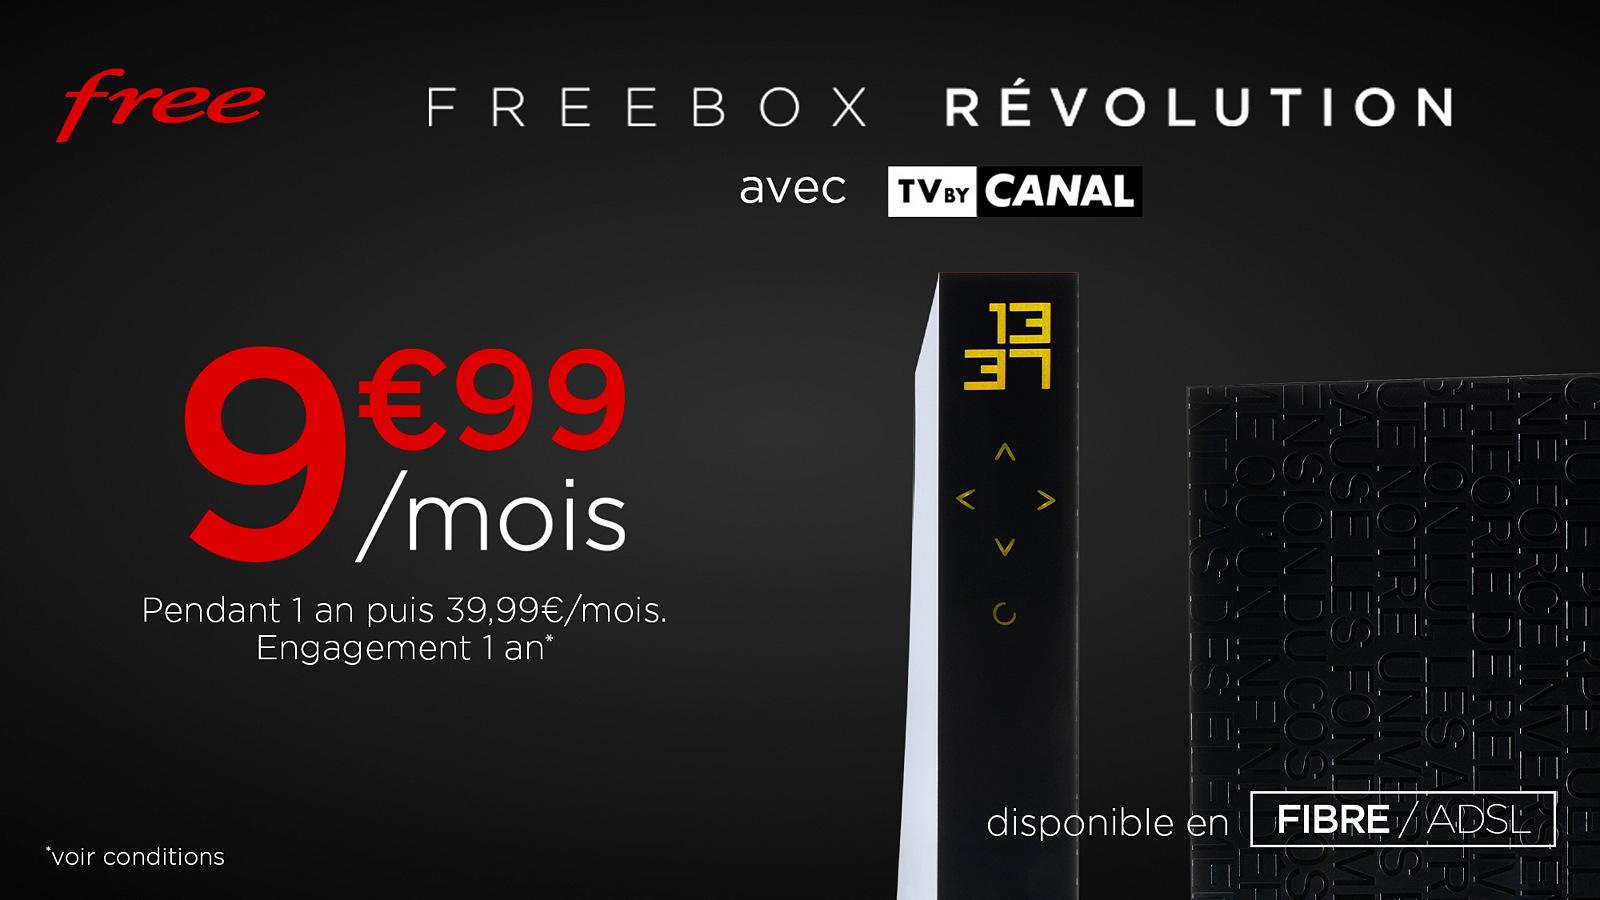 Vente Privée : le forfait Freebox Révolution avec TV by CANAL à 9,99€/mois pendant 1 an